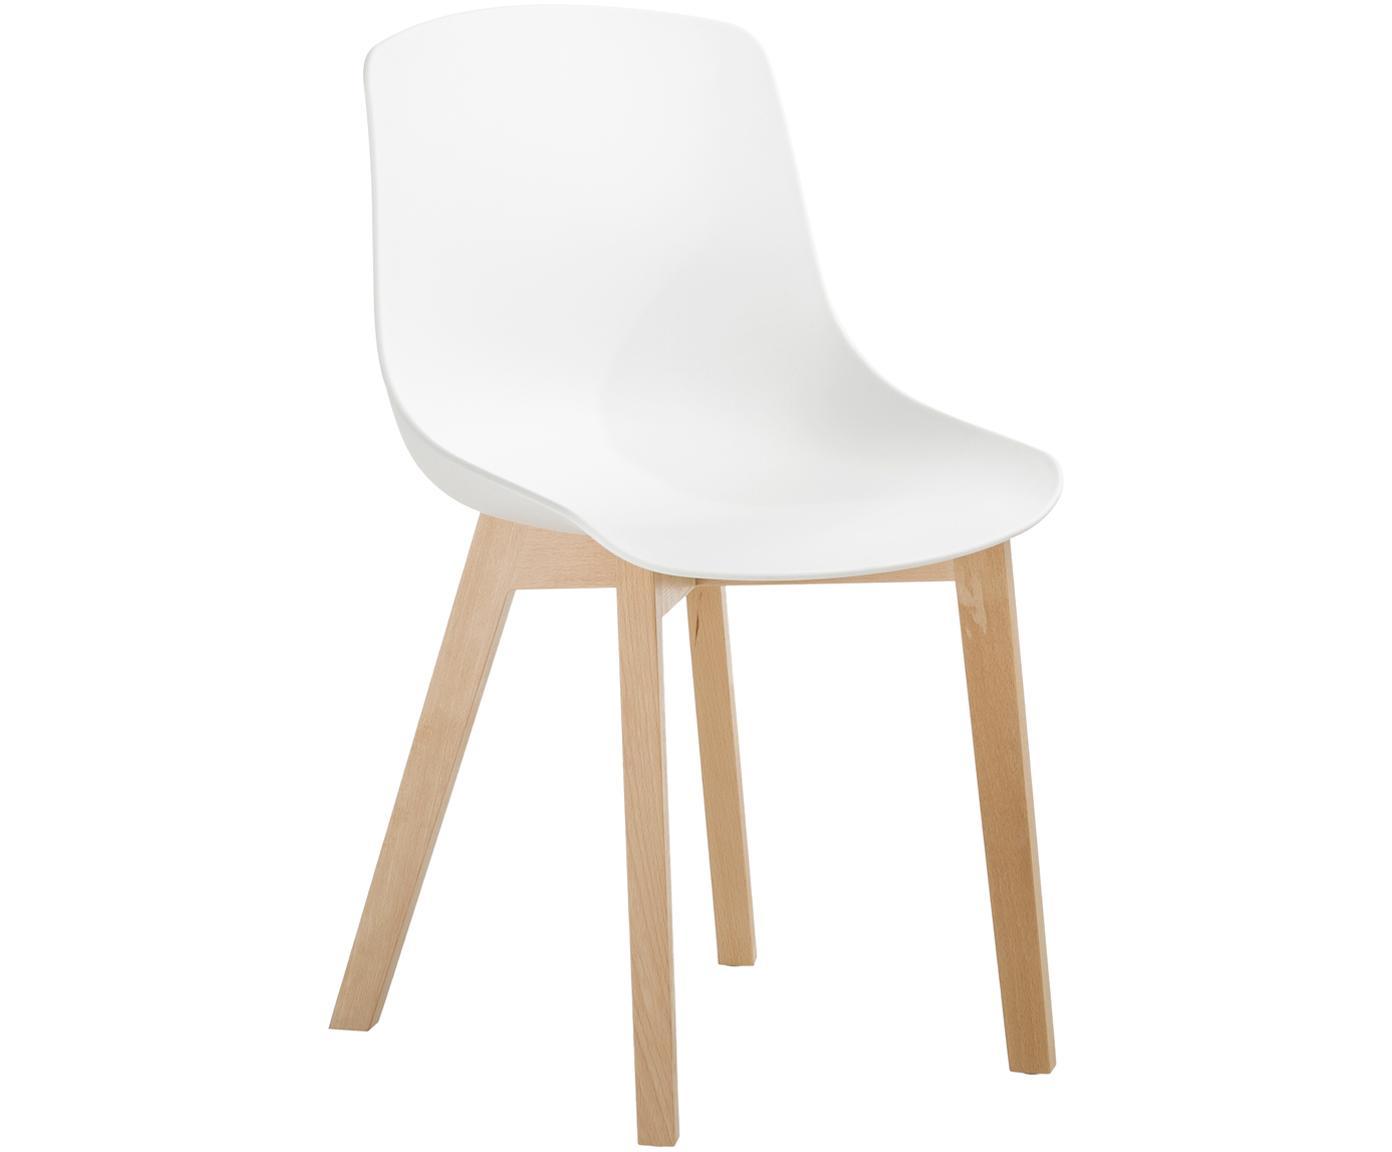 Sedia in plastica con gambe in legno Dave 2 pz, Seduta: materiale sintetico, Gambe: legno di faggio Il legno , Bianco, Larg. 46 x Alt. 52 cm